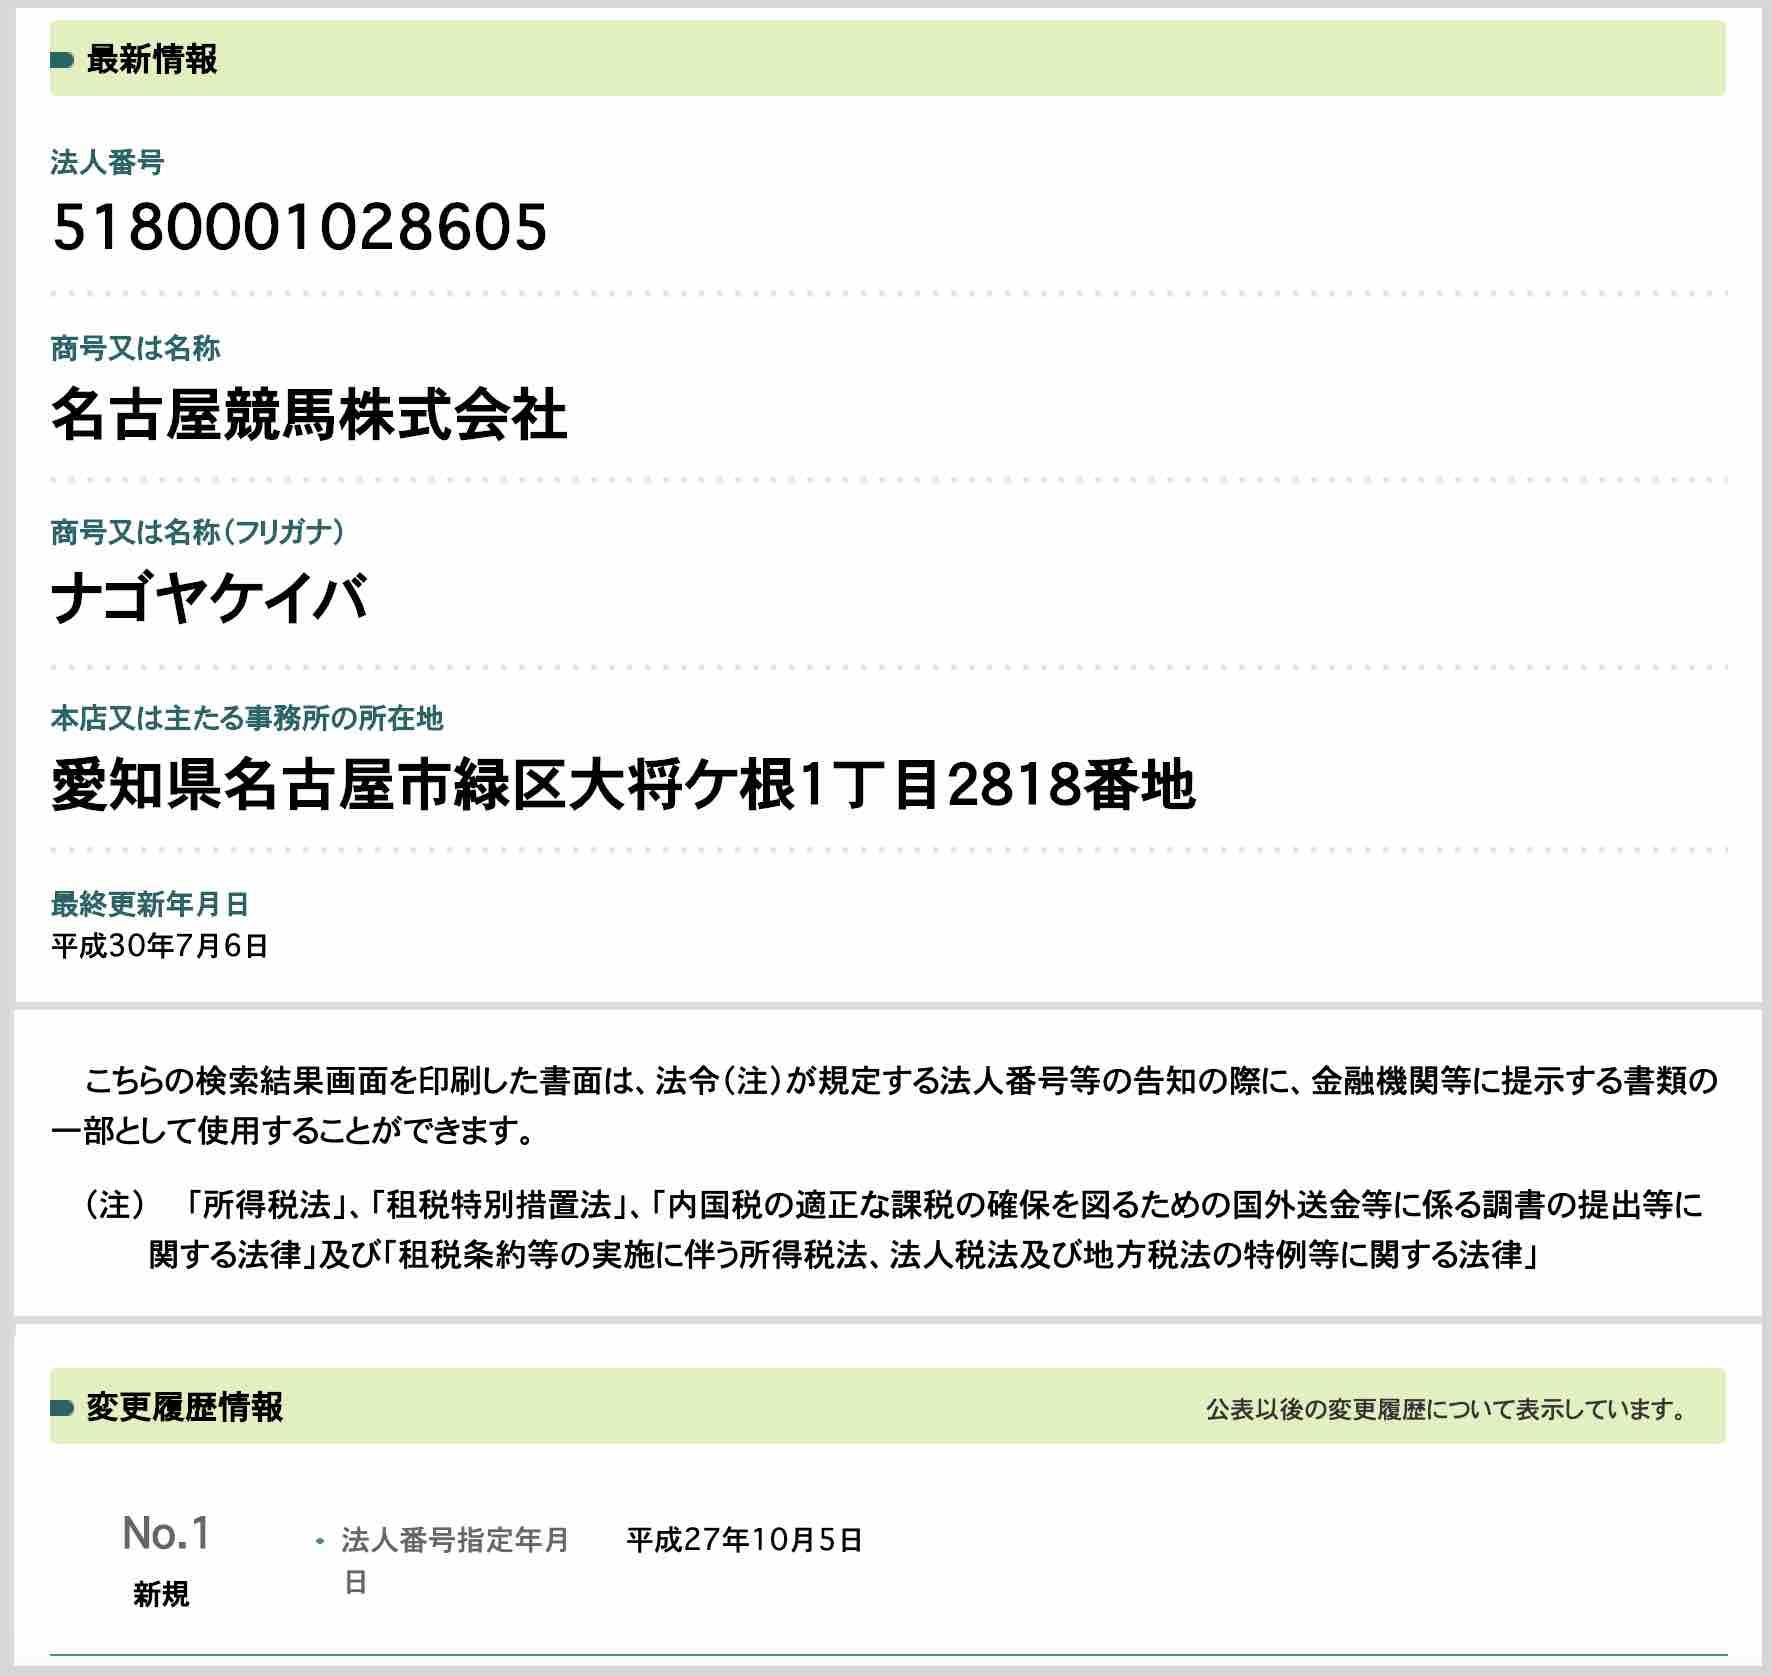 名古屋競馬株式会社の運営会社情報